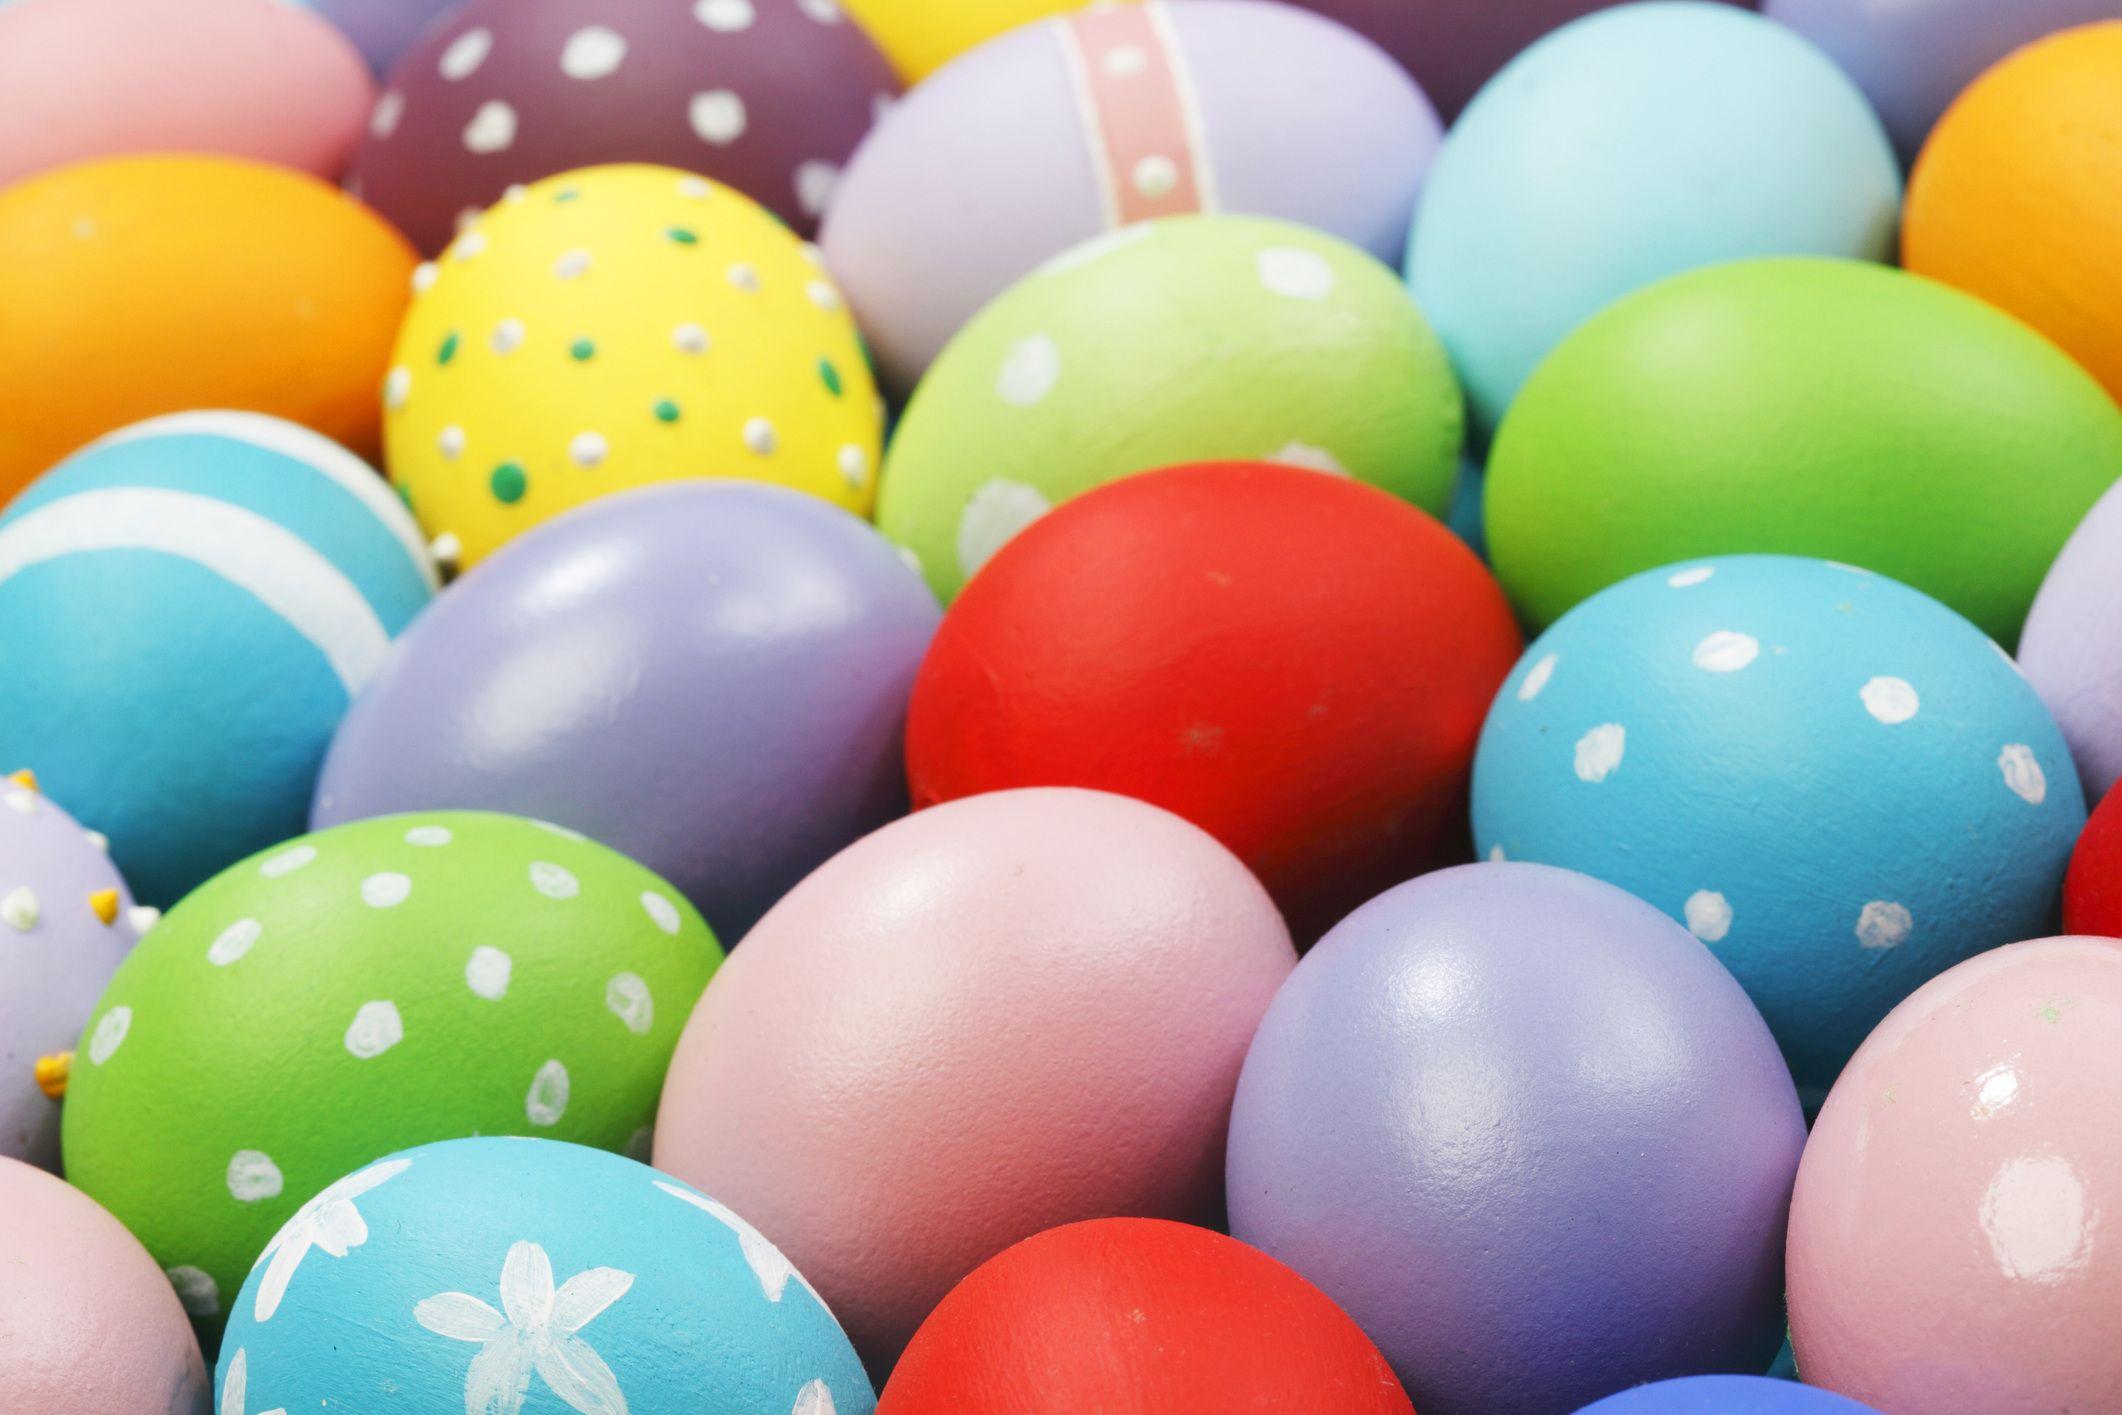 Prezent dla pracownika z okacji Wielkanocy a podatek PIT i składki ZUS